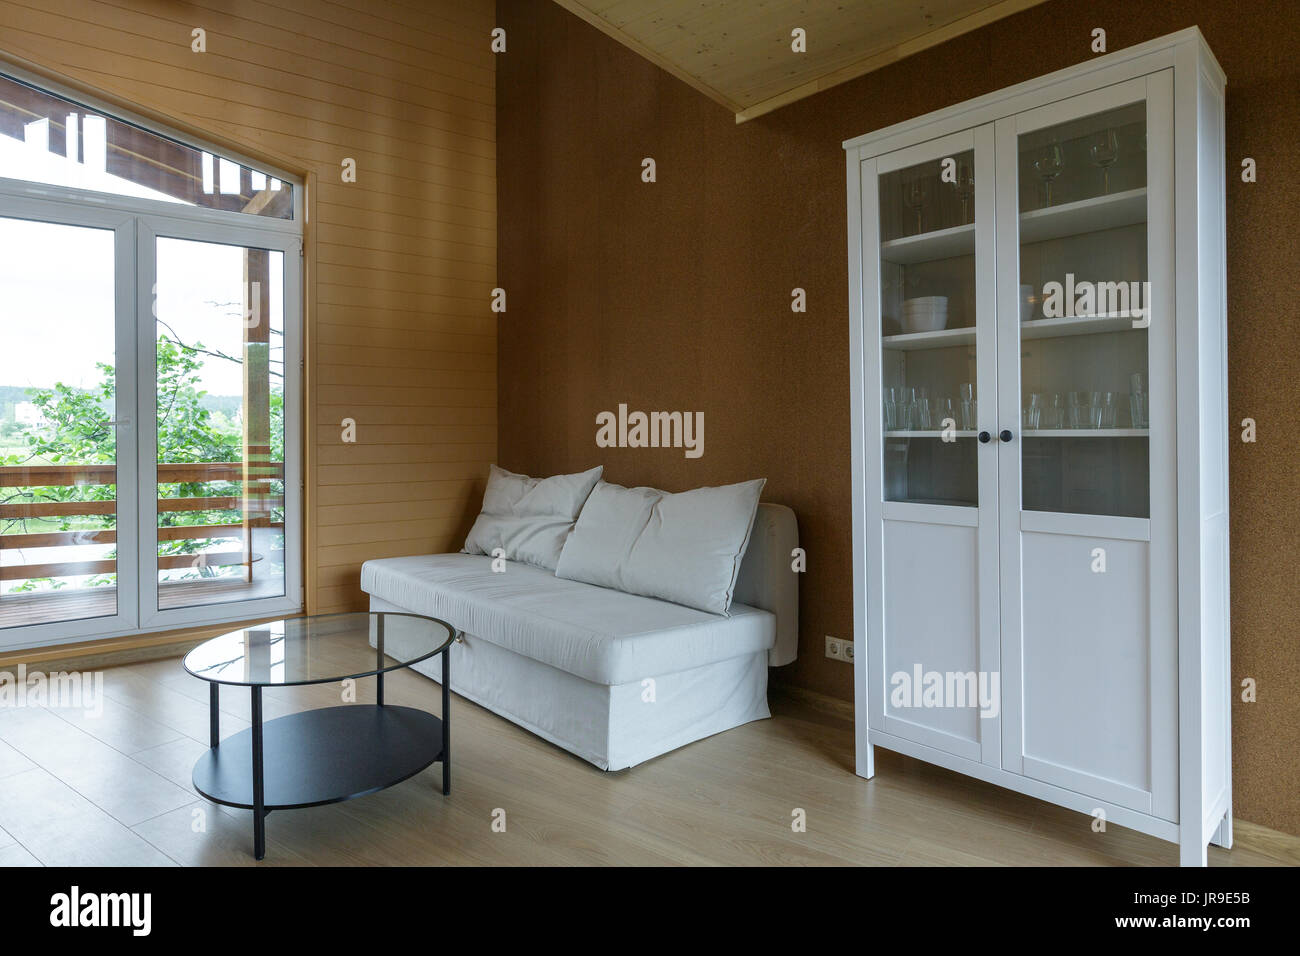 Soffitti In Legno Bianchi : Soffitto in legno soffitto in legno con travi soffitti legno